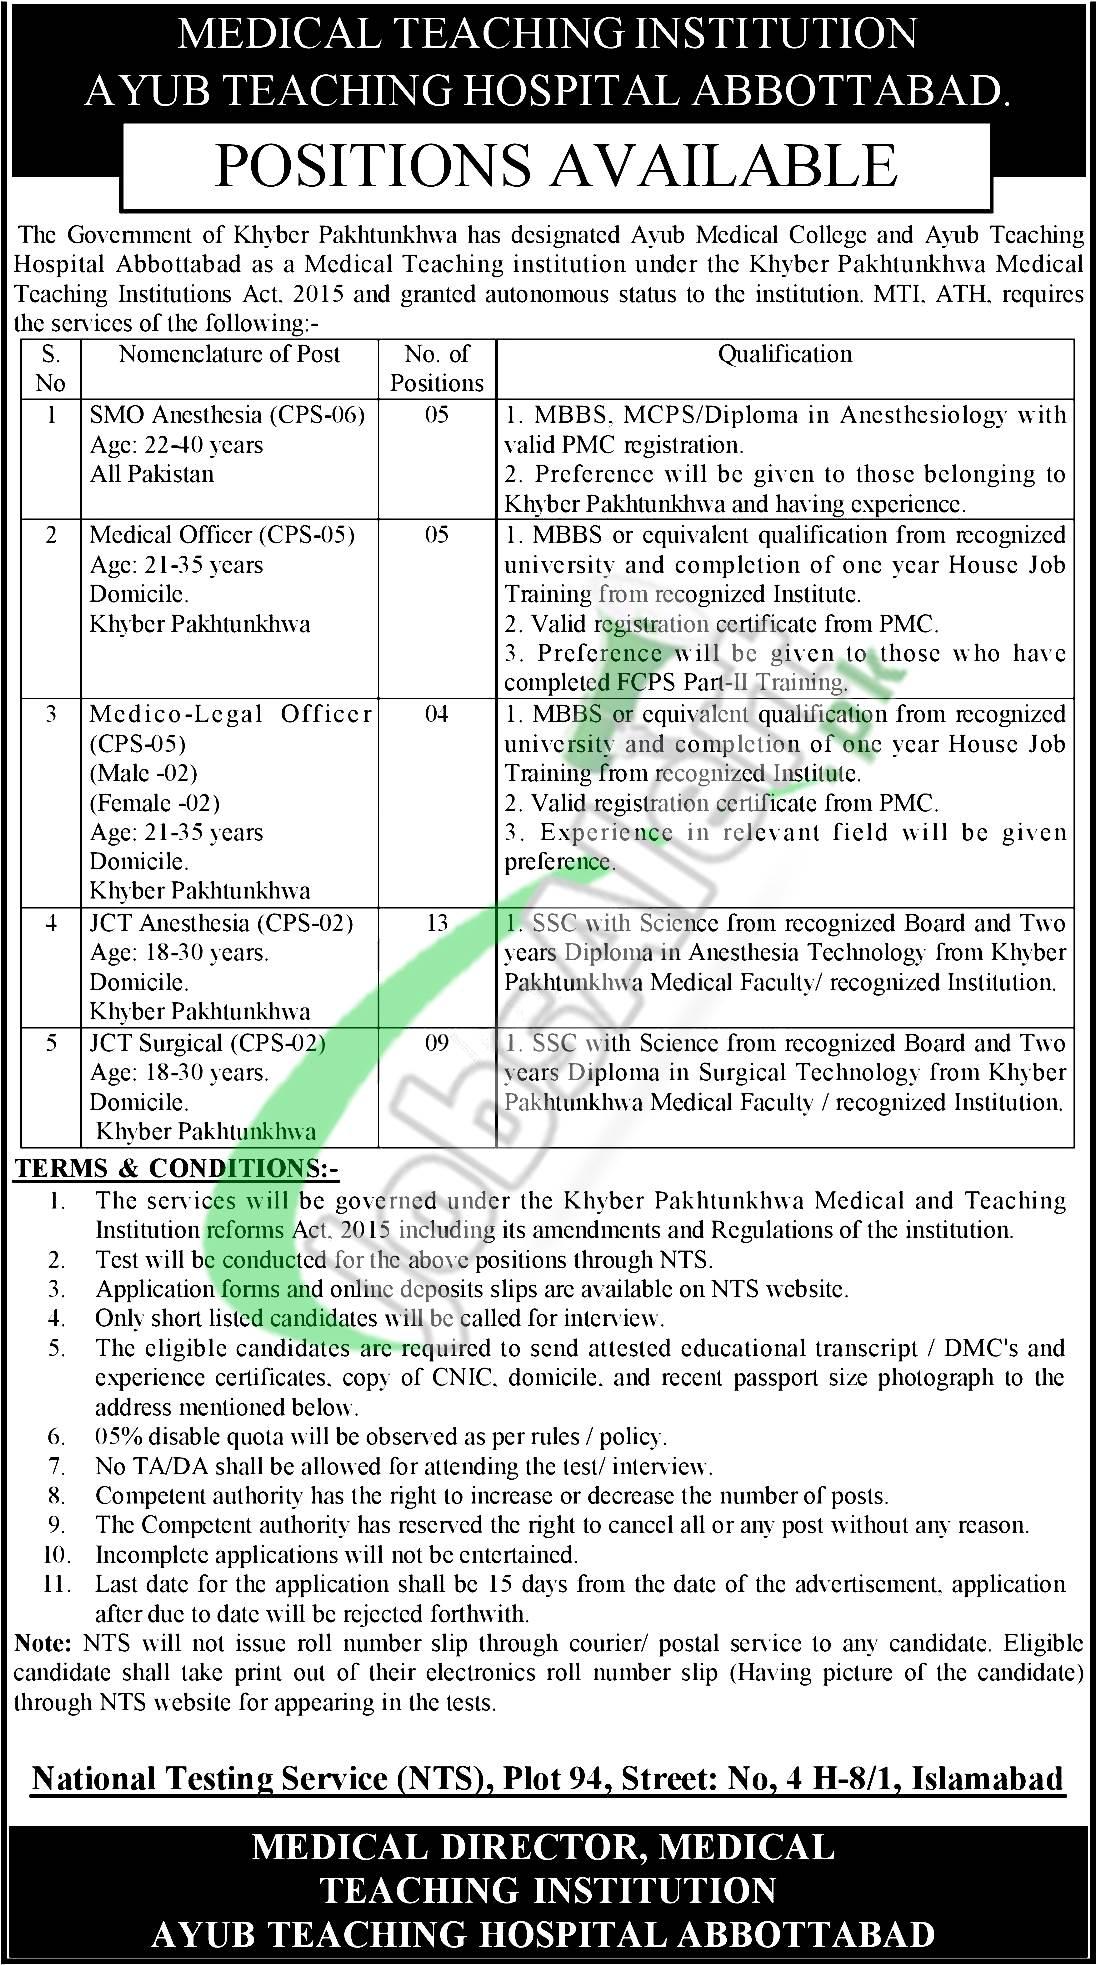 ATH Abbottabad Jobs